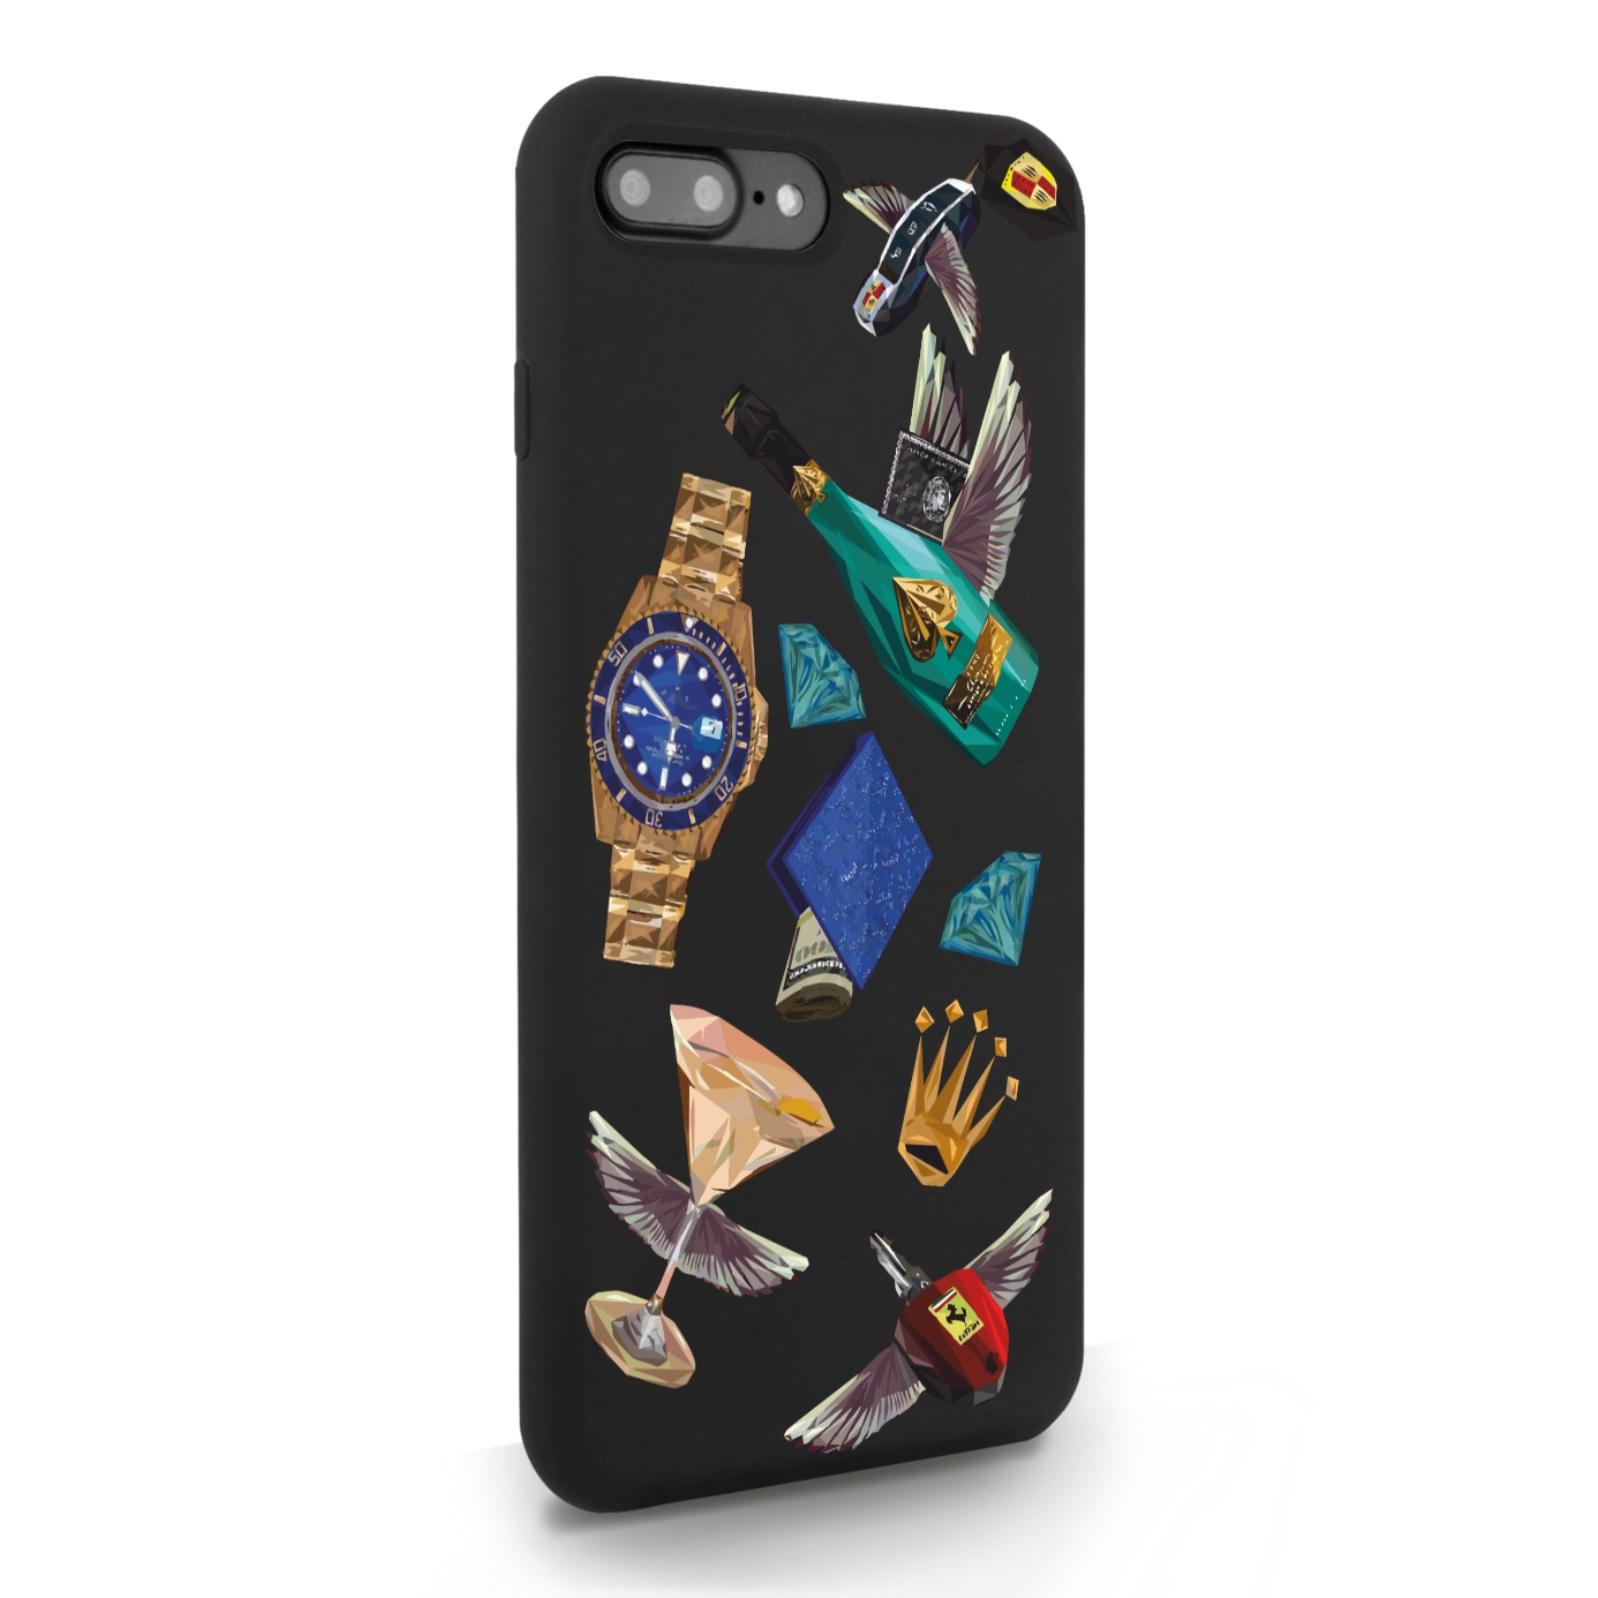 Черный силиконовый чехол для iPhone 7/8 Plus Luxury lifestyle для Айфон 7/8 Плюс